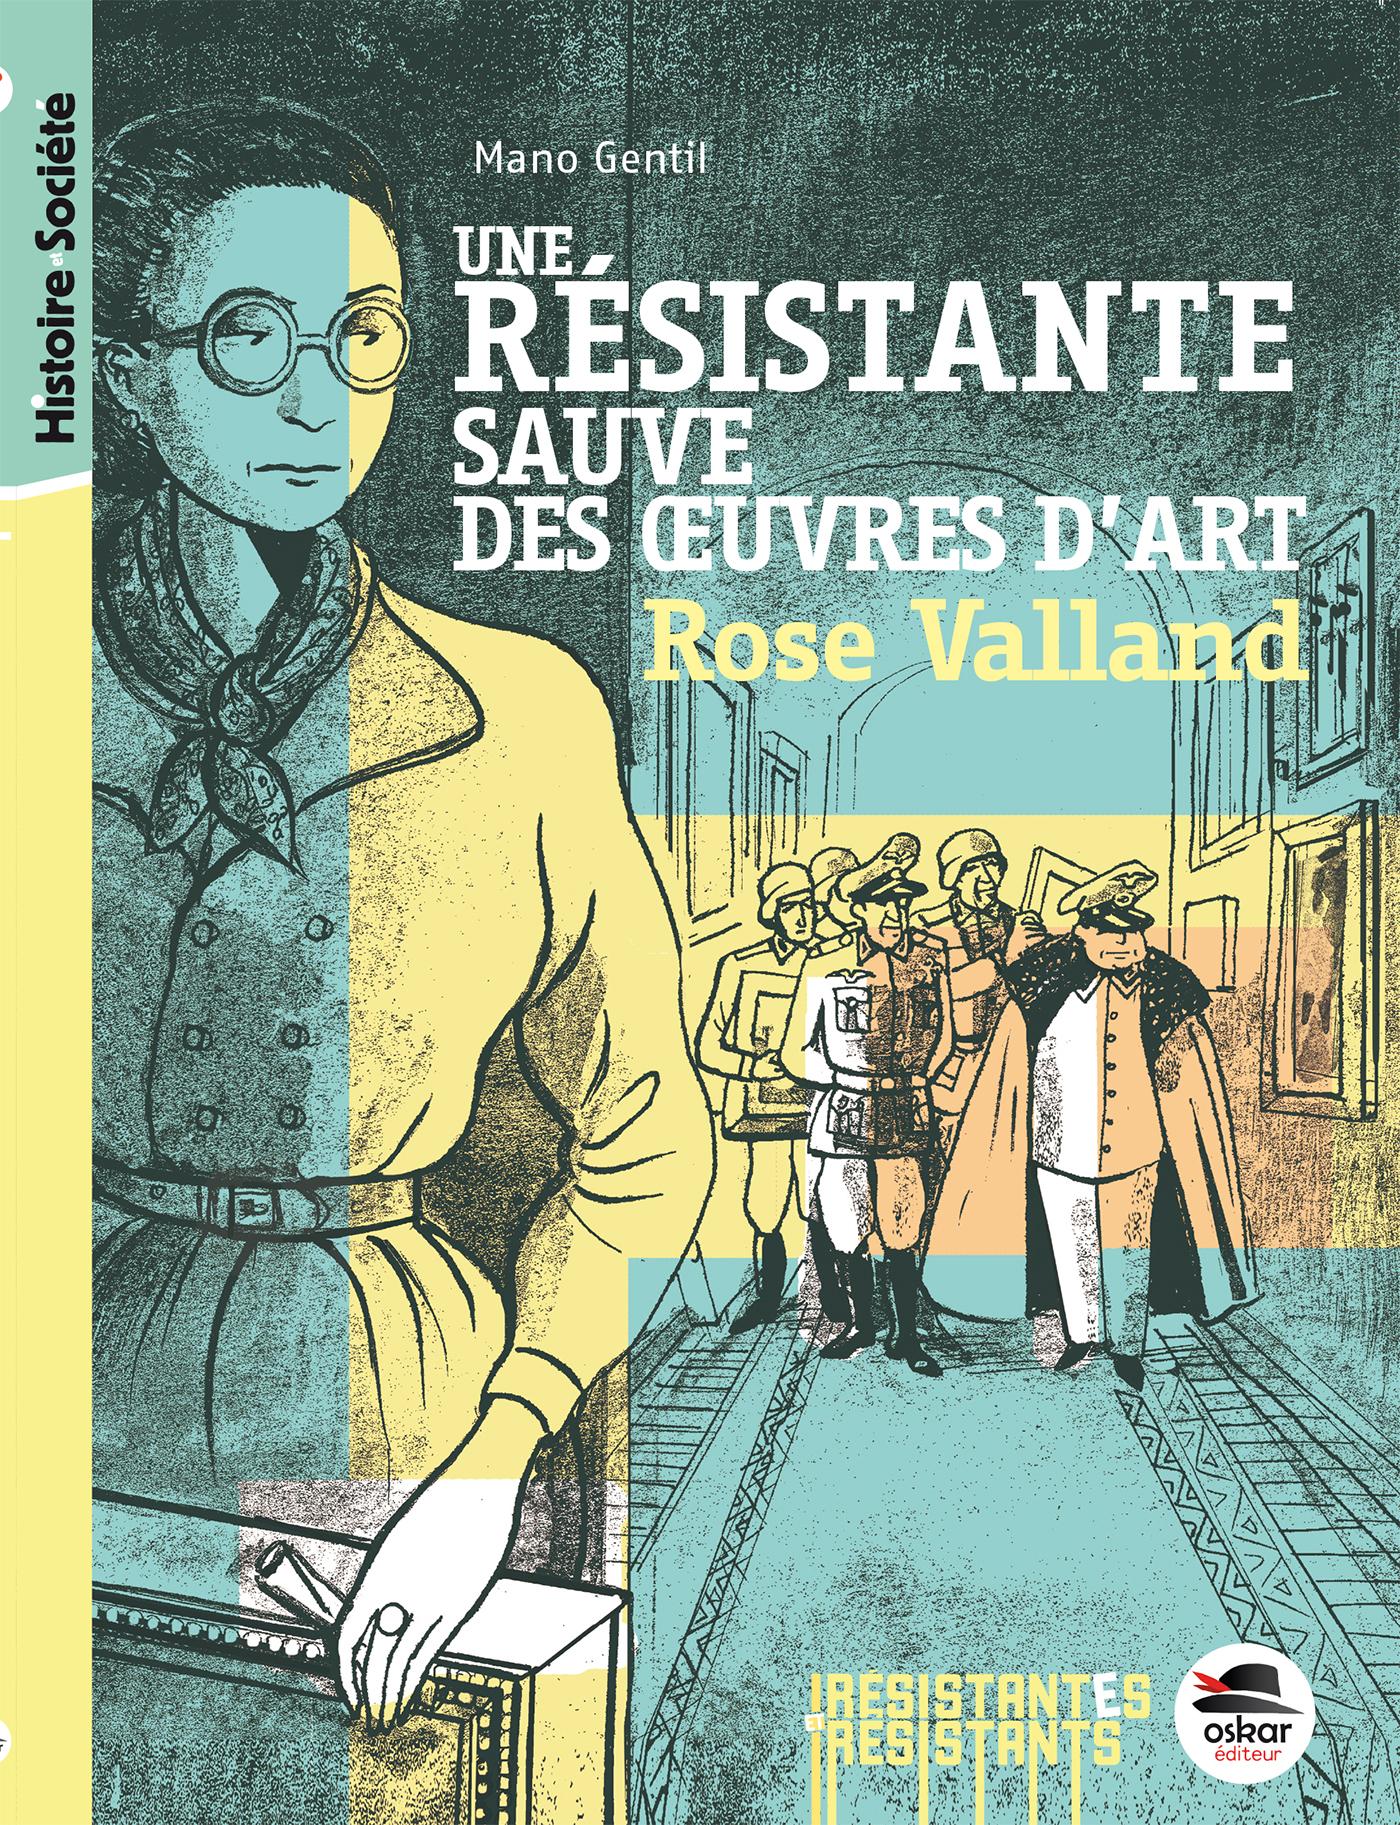 UNE RESISTANTE SAUVE DES OEUVRES D'ART - ROSE VALLAND